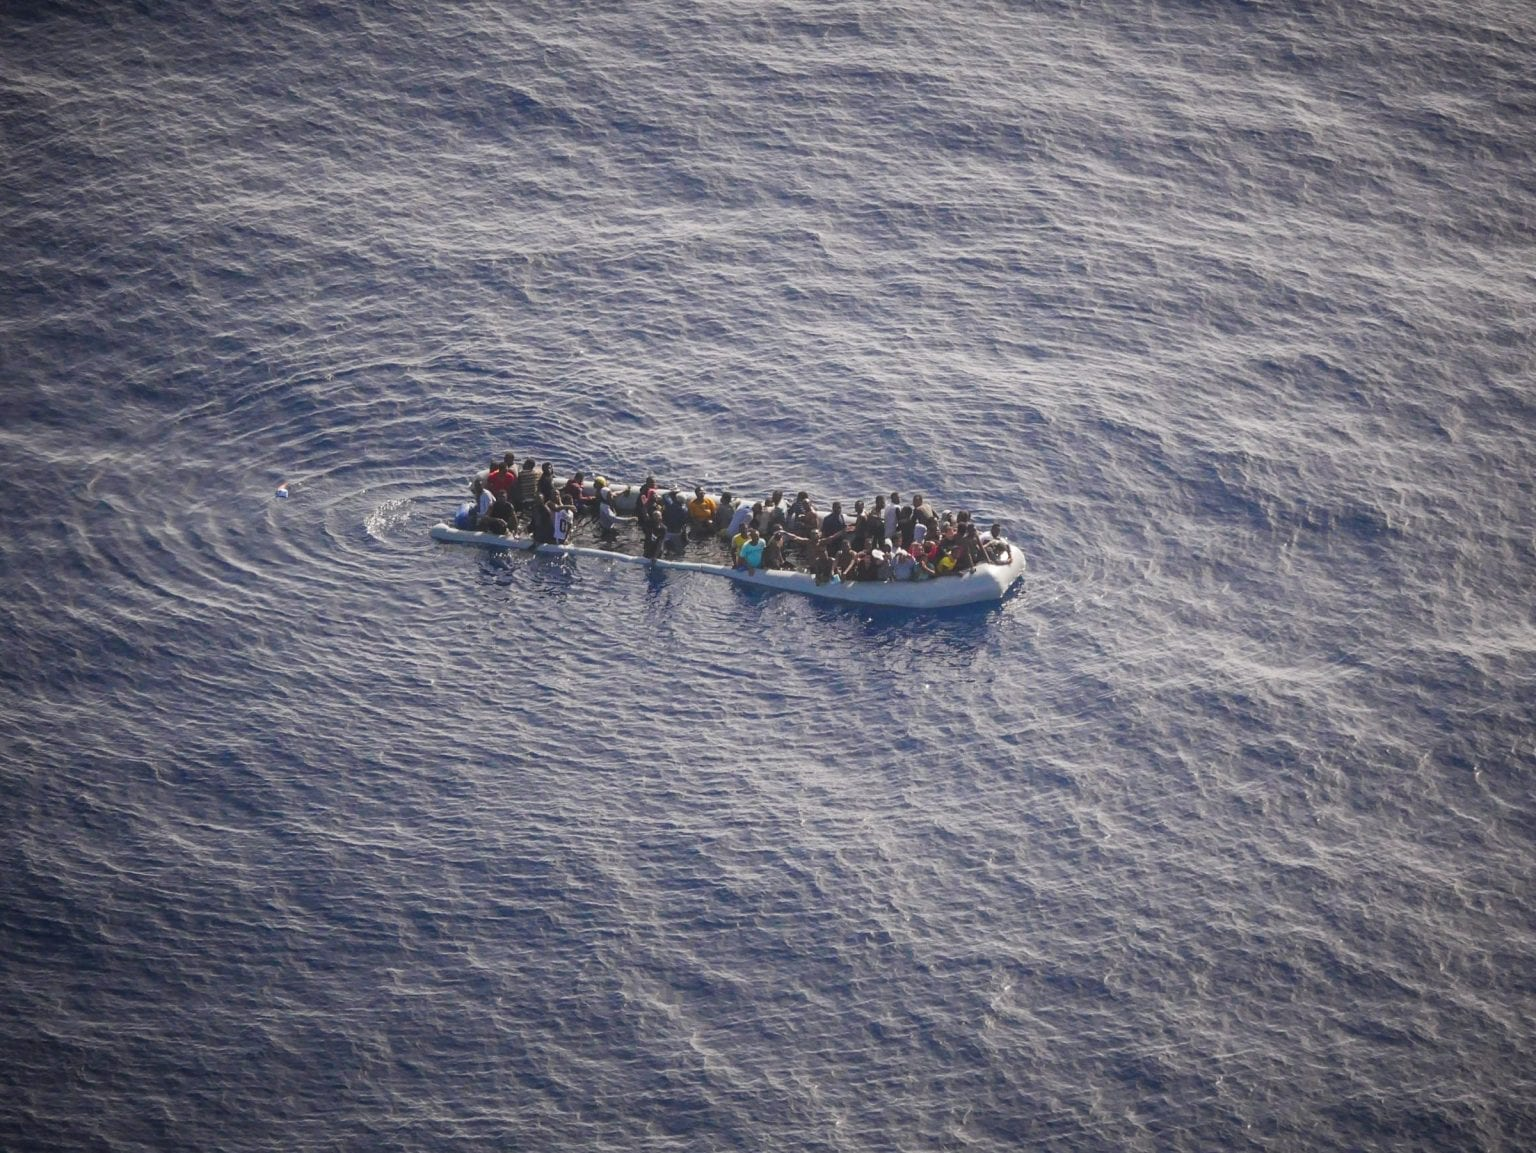 Migranter og asylansøgere, der samles op af den libyske kystvagt, bringes retur til Libyen, hvor de interneres i særlige migrantfængsler. Foto: Seawatch